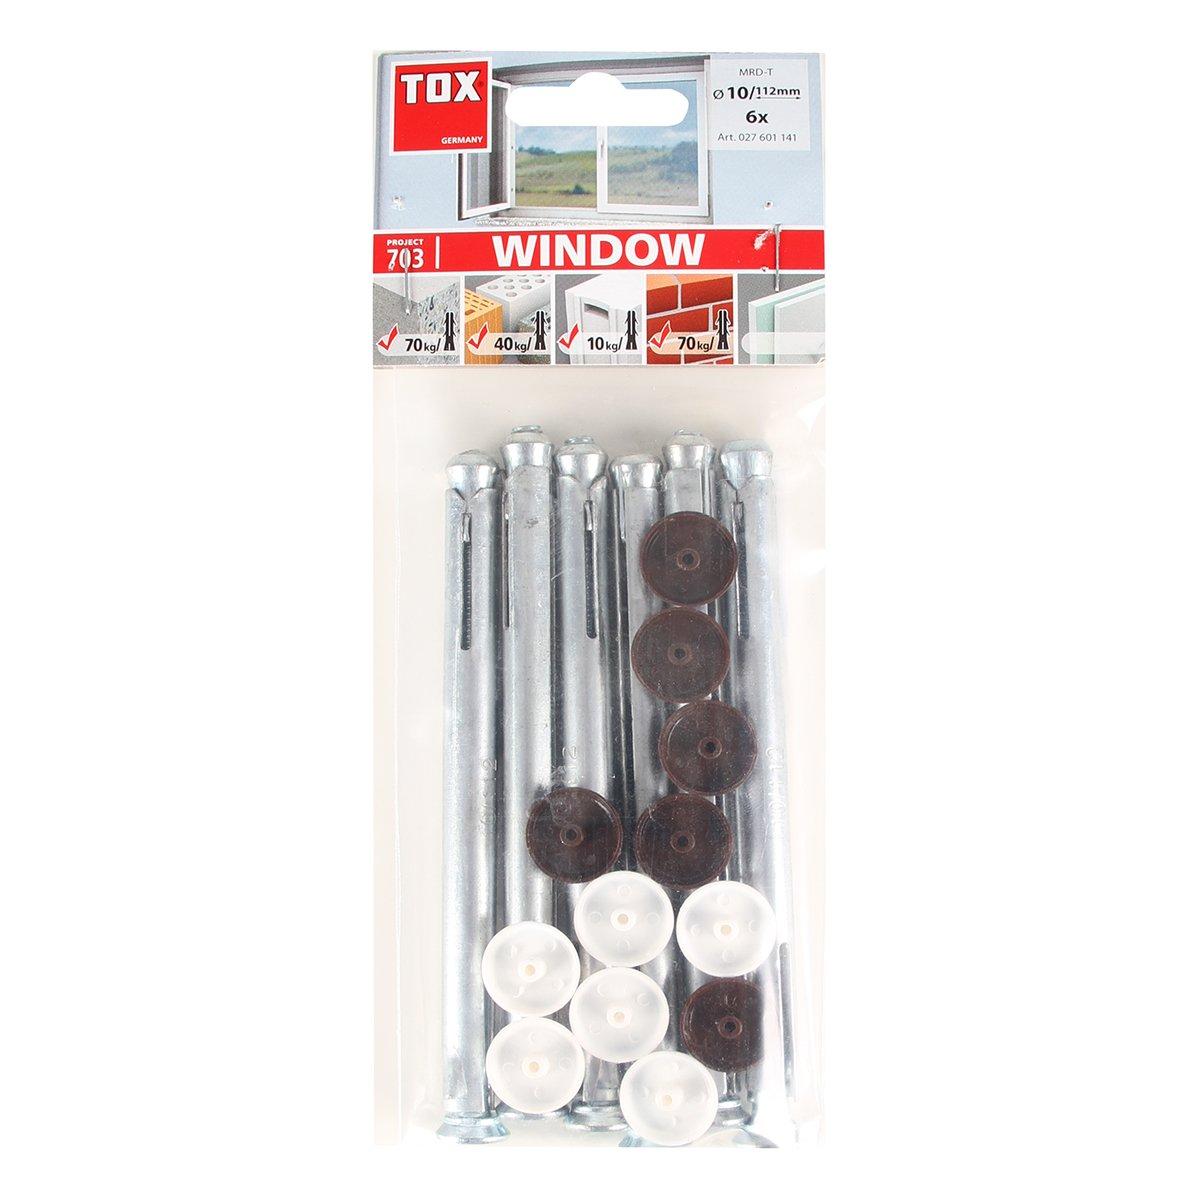 100 piezas TOX Taco para marcos met/álico Window 10 x 112 mm 02710114